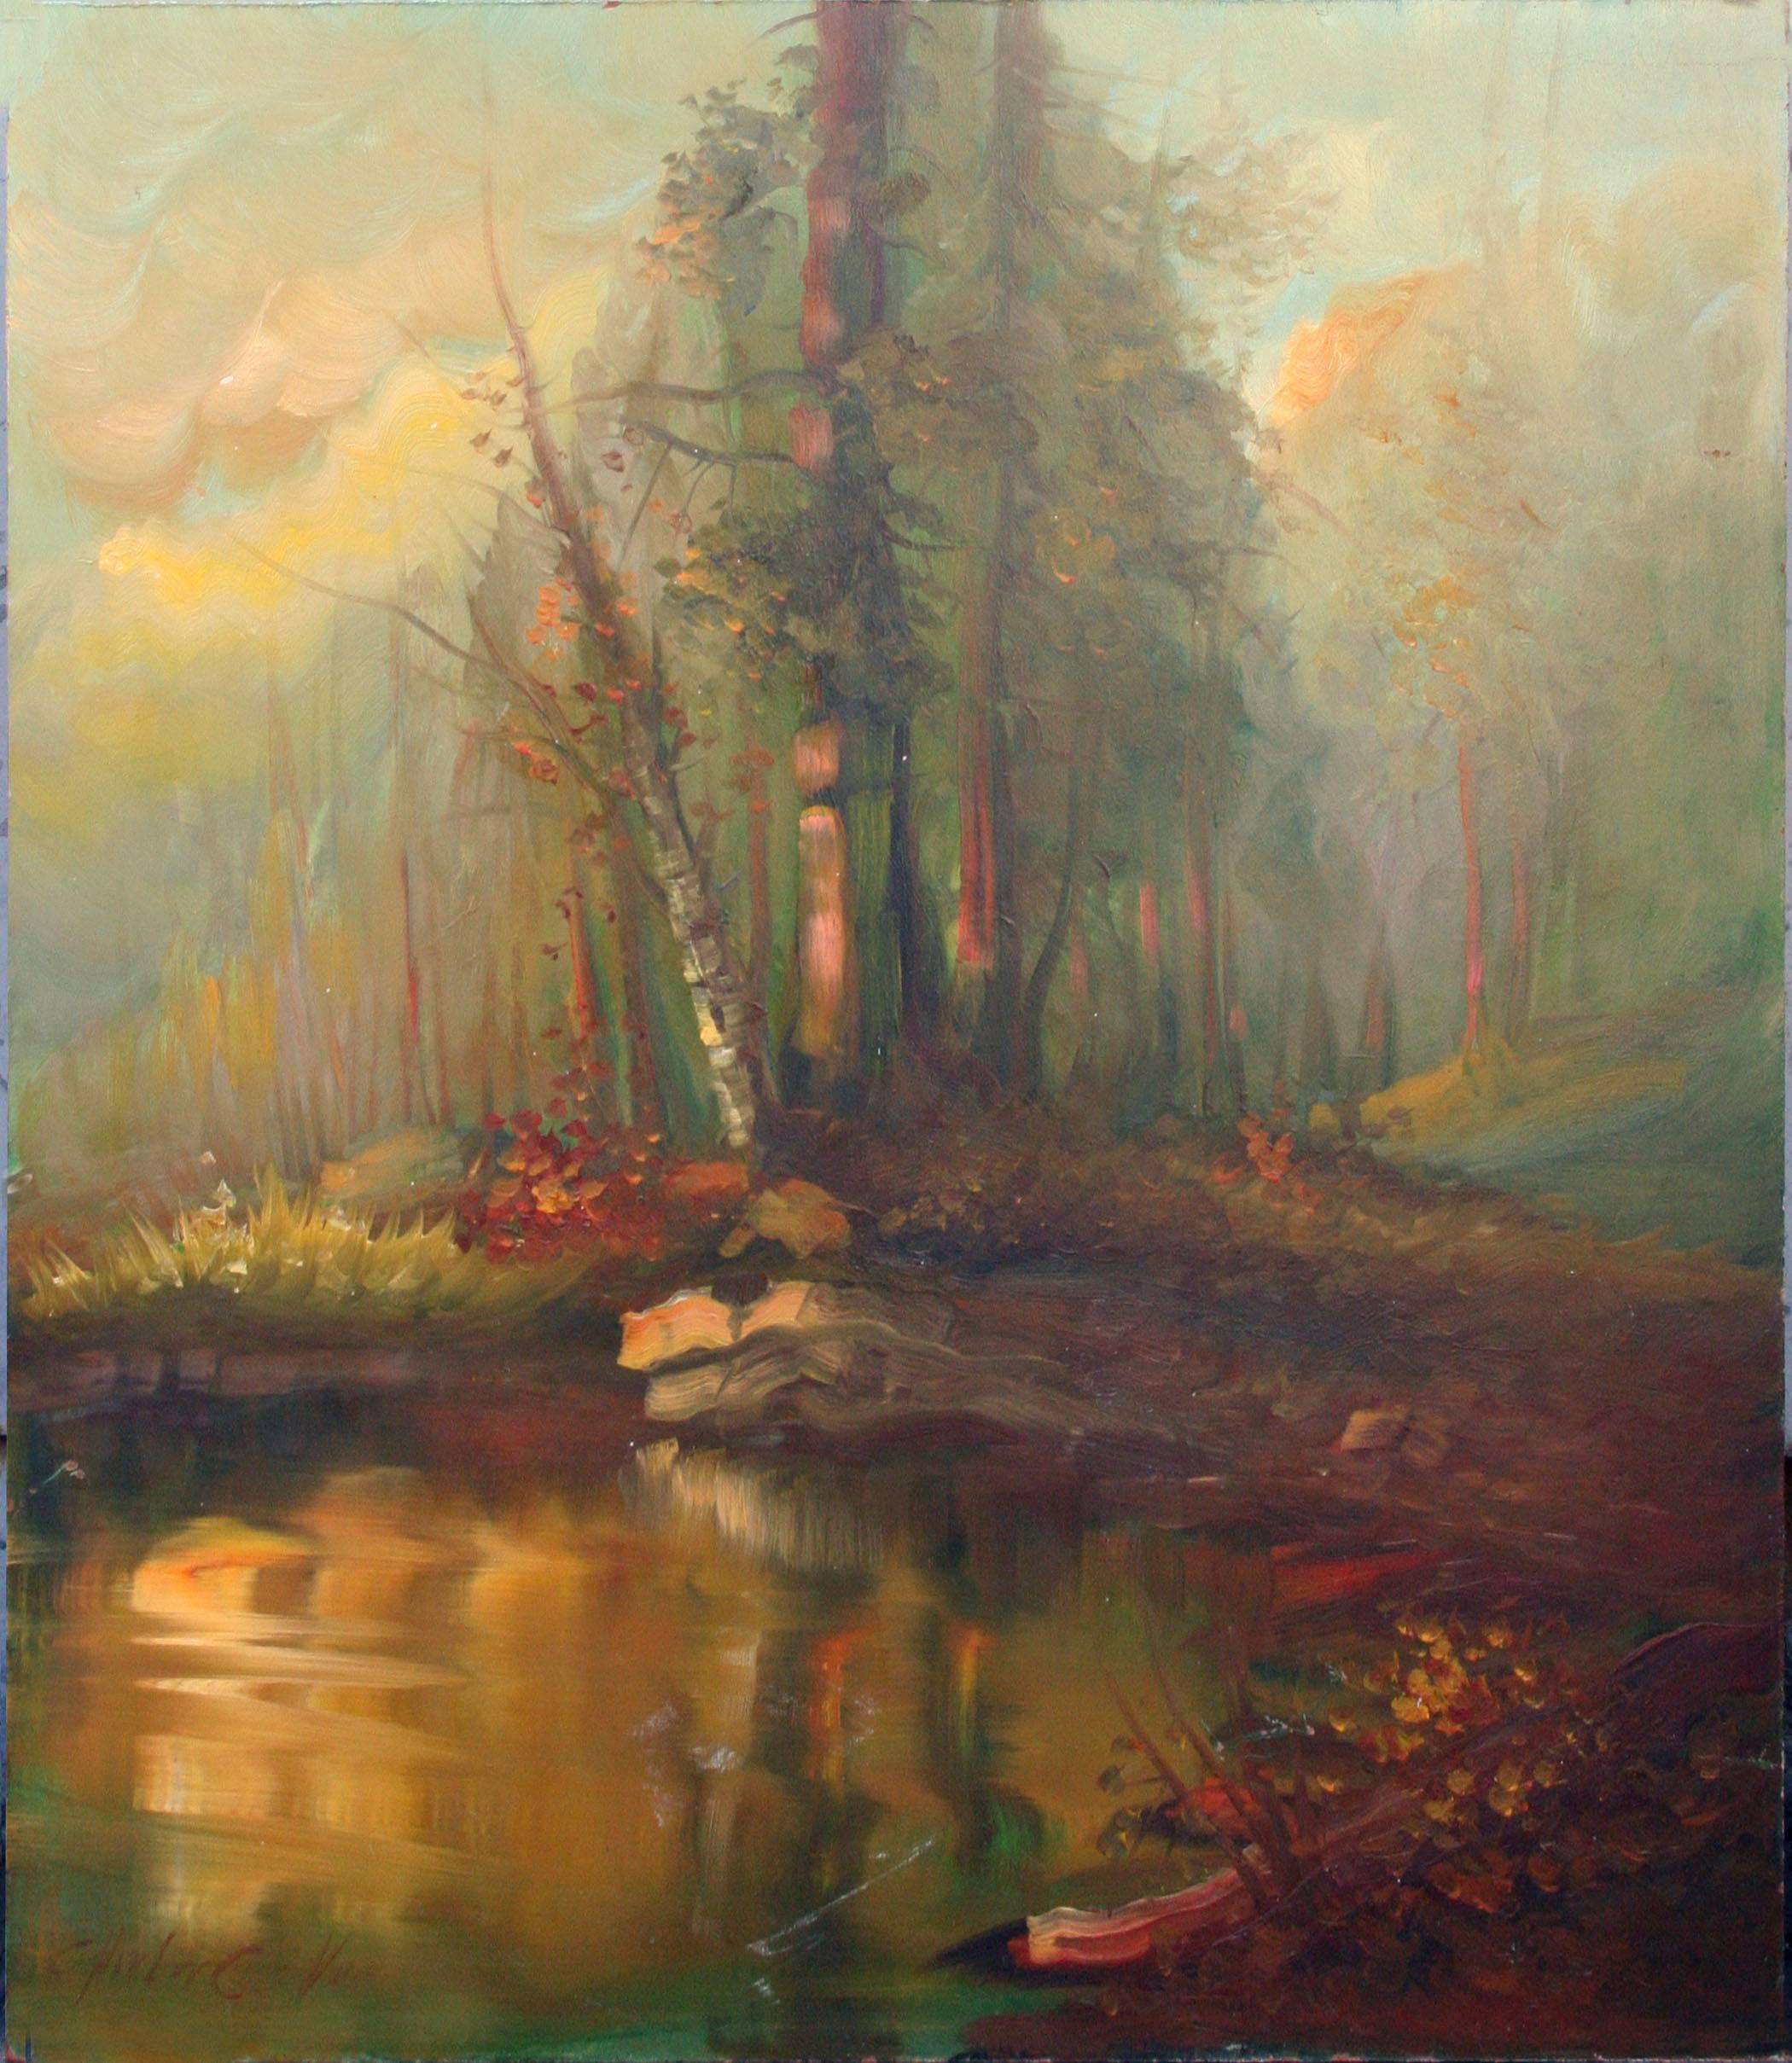 Forest at Sunset Landscape